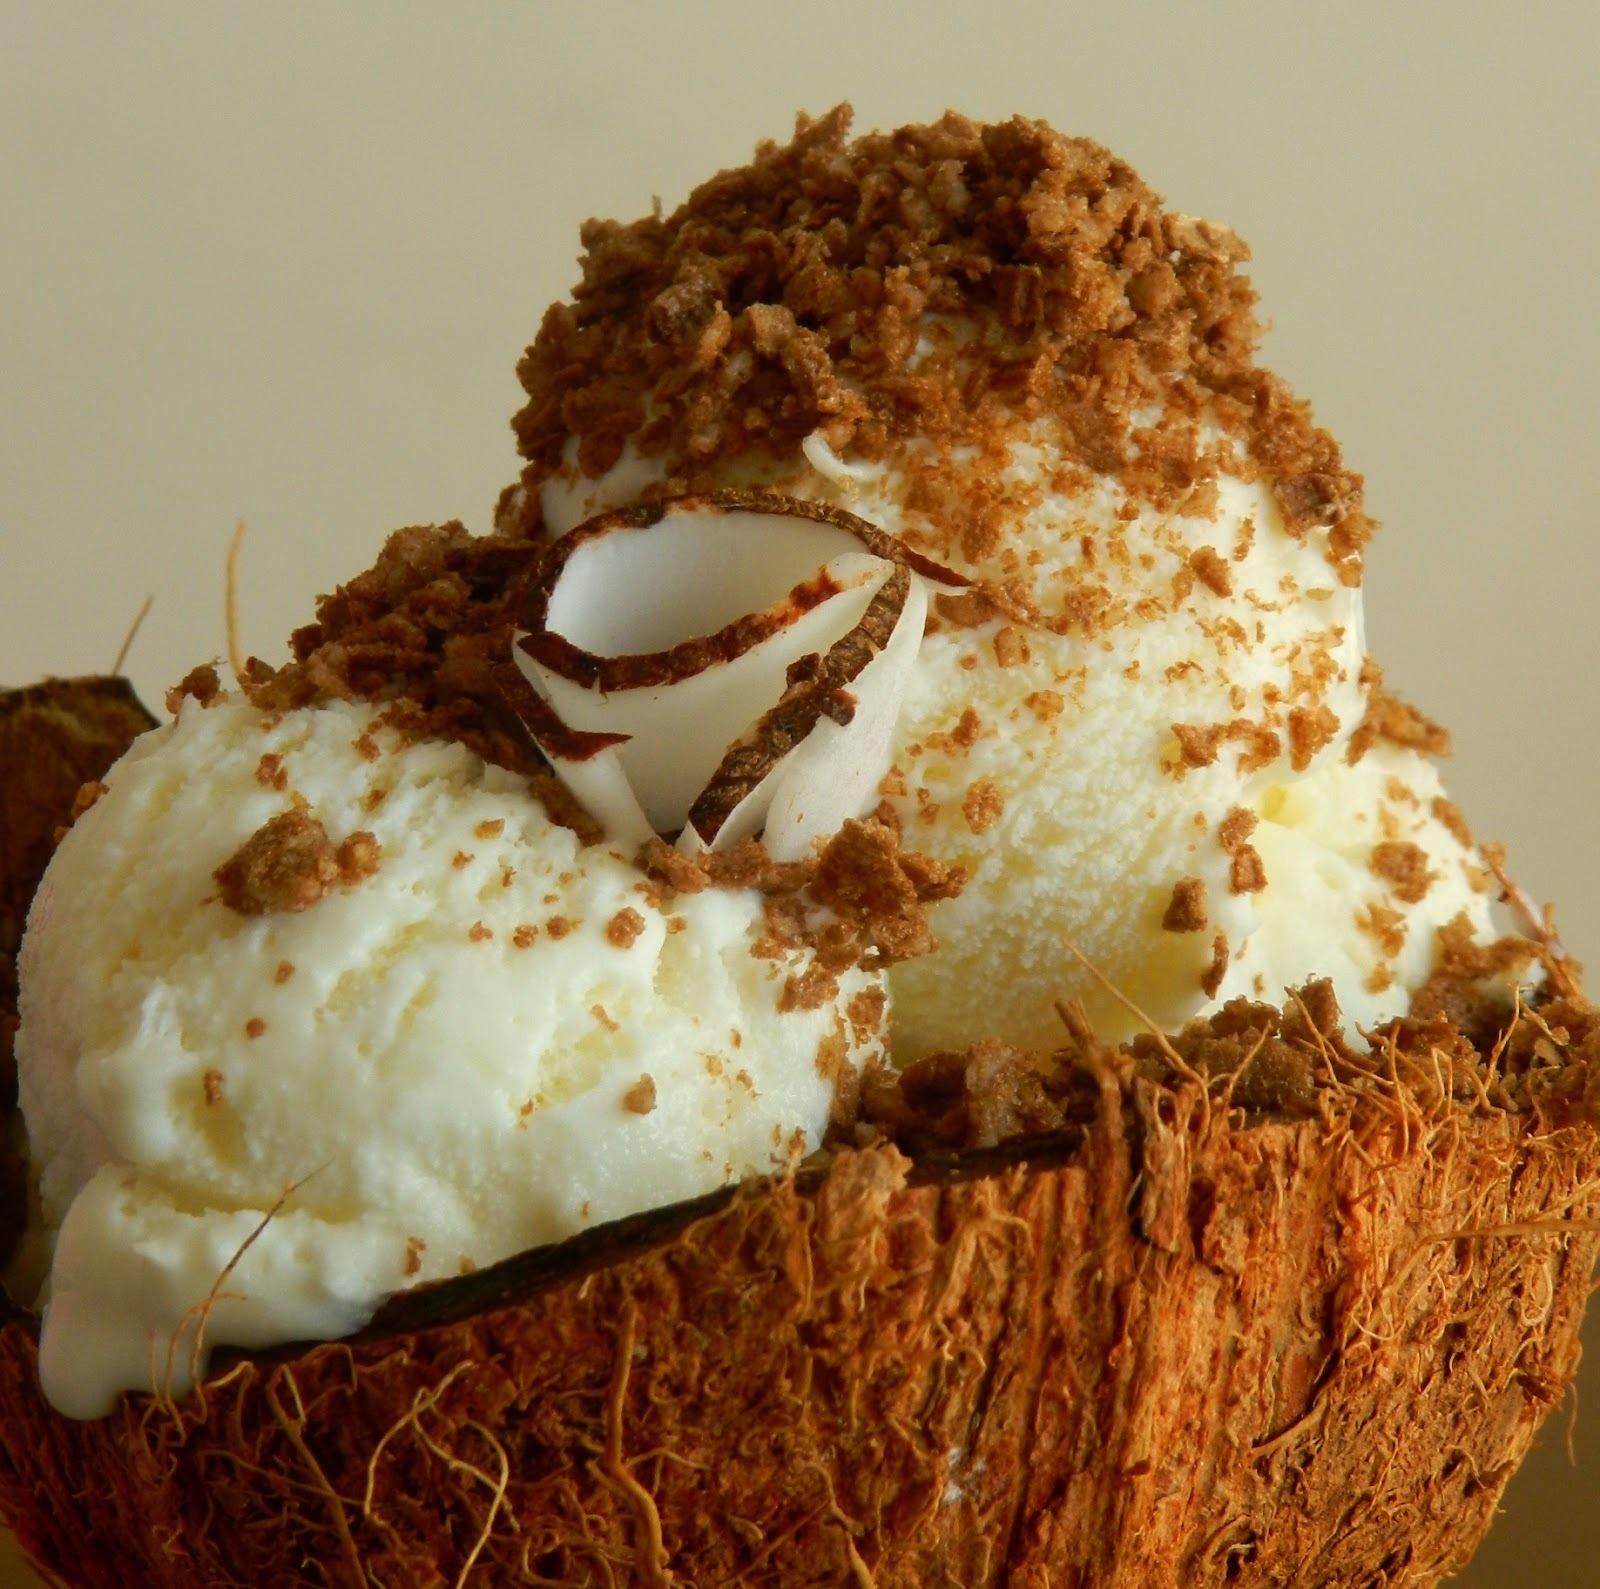 Sorvete caseiro de coco com farofa